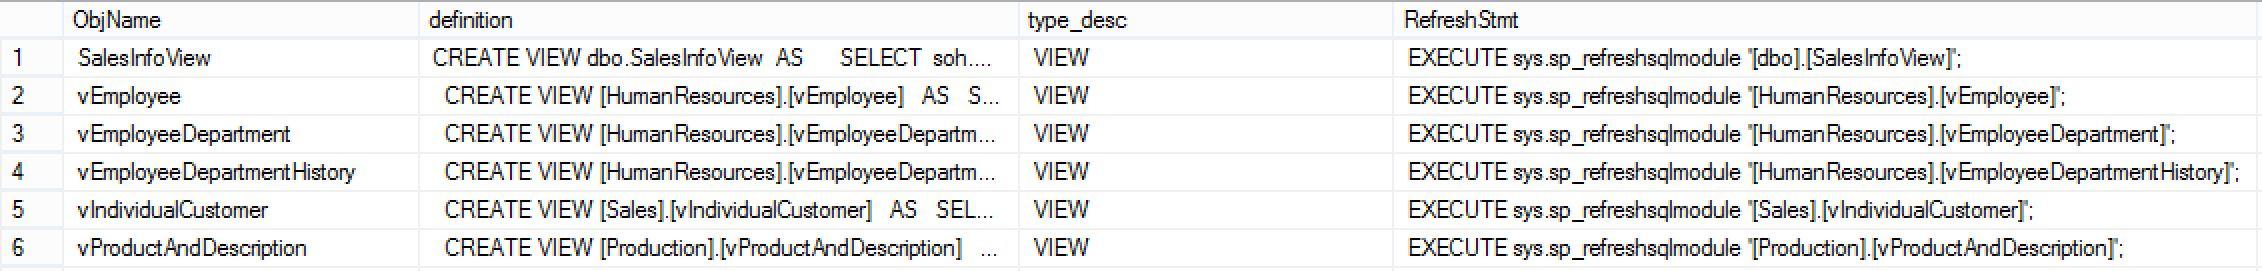 SQL Server | SQL RNNR - Part 2